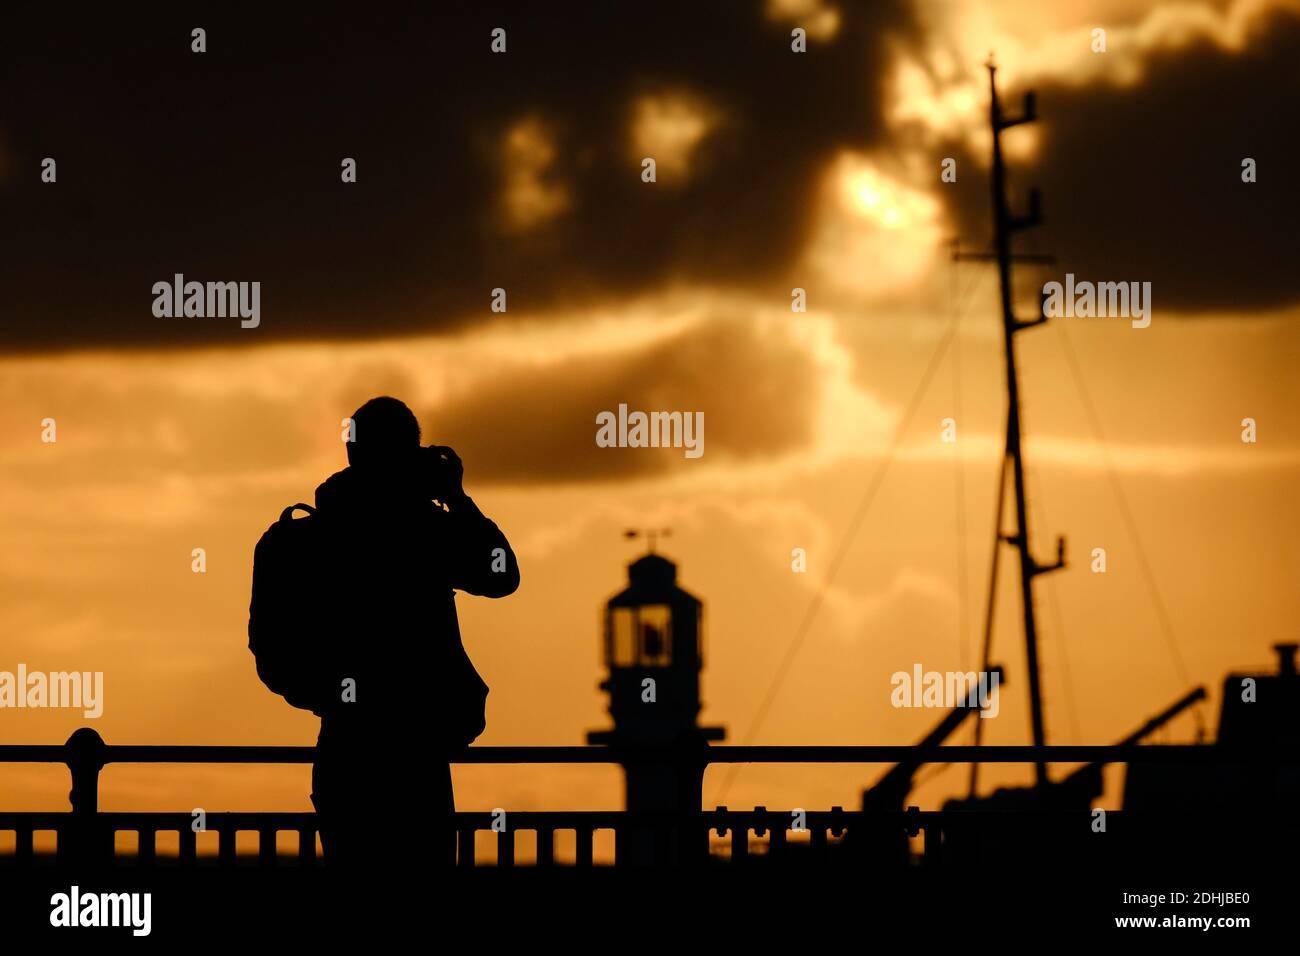 Un fotógrafo captura la calma antes de la tormenta Alex, mientras el sol se levanta detrás del faro del puerto de Penzance el primer día de octubre. Foto de stock